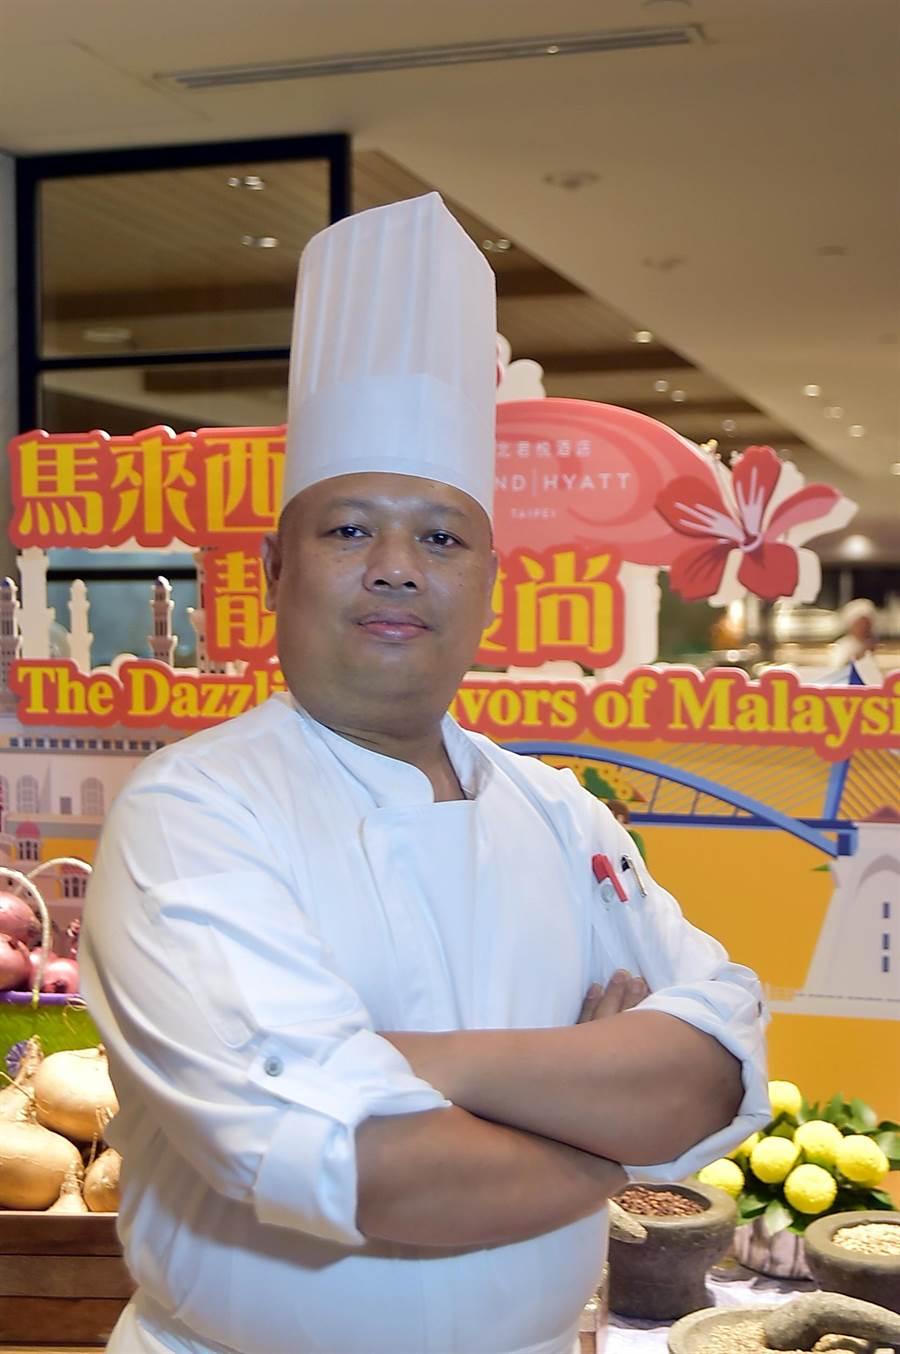 吉隆坡君悅酒店館內著名馬來西亞料理餐廳〈JP teres〉副主廚Mohamad Nazib Bin Omar帶隊客座台北君悅〈凱菲屋〉,共 準備了近40道馬國特色風味美餚讓客人吃到飽。(圖/姚舜)